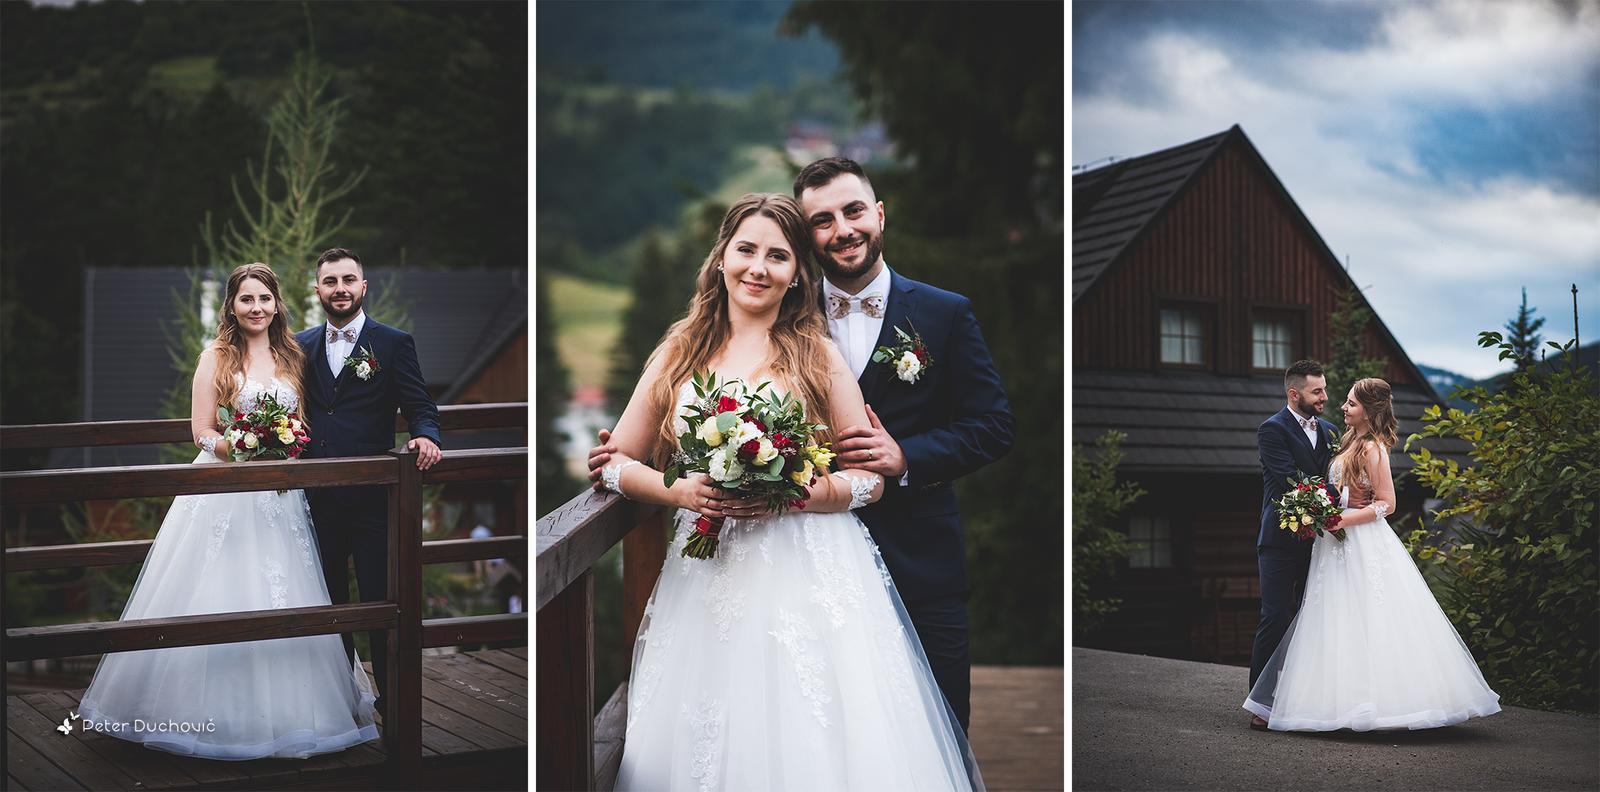 Svadba Petra a Miroslav - Obrázok č. 12